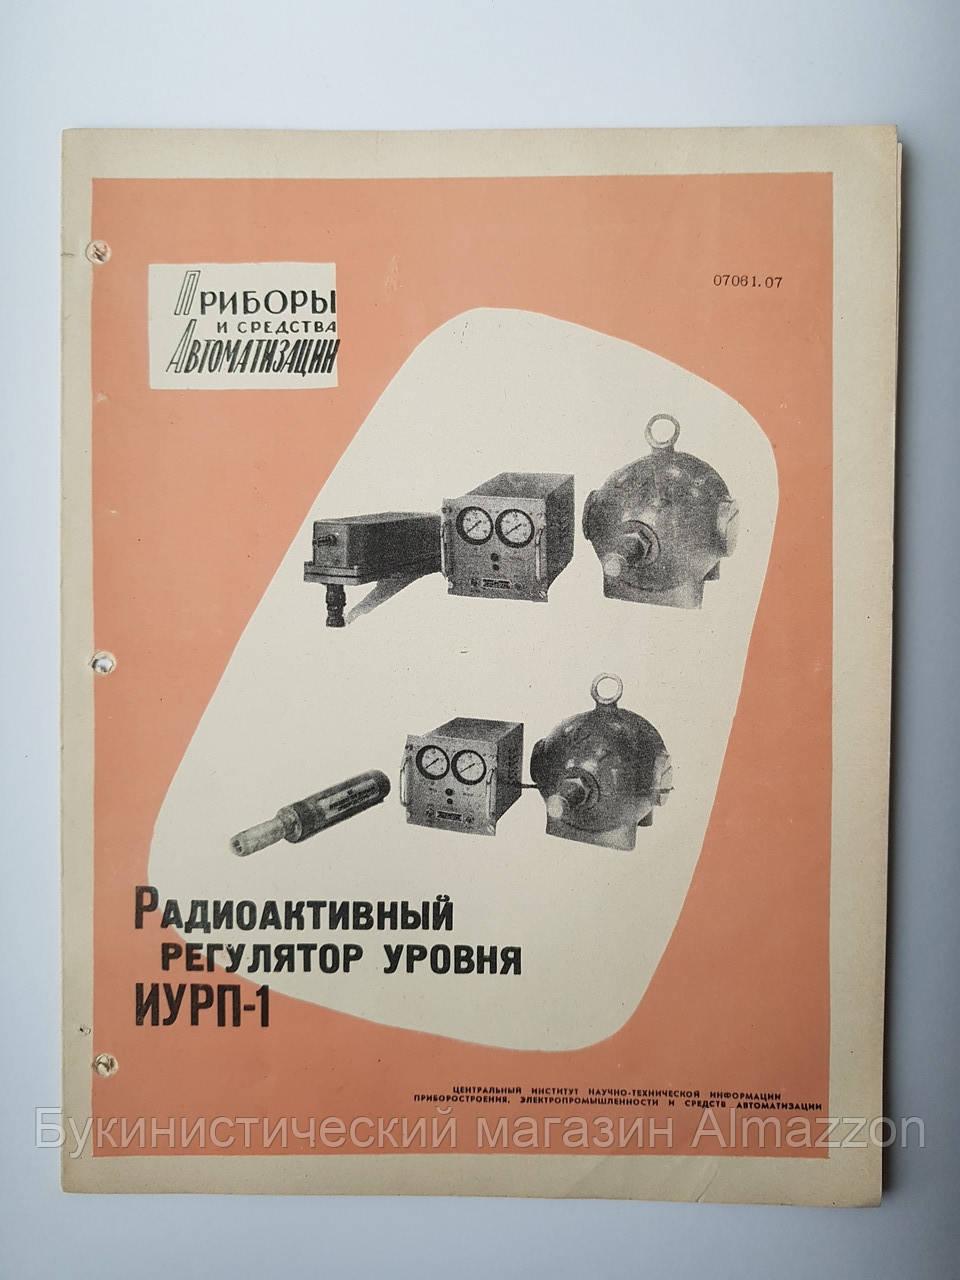 """Журнал (Бюллетень) """"Радиоактивный регулятор уровня ИУРП-1  07061.07"""" 1962г."""